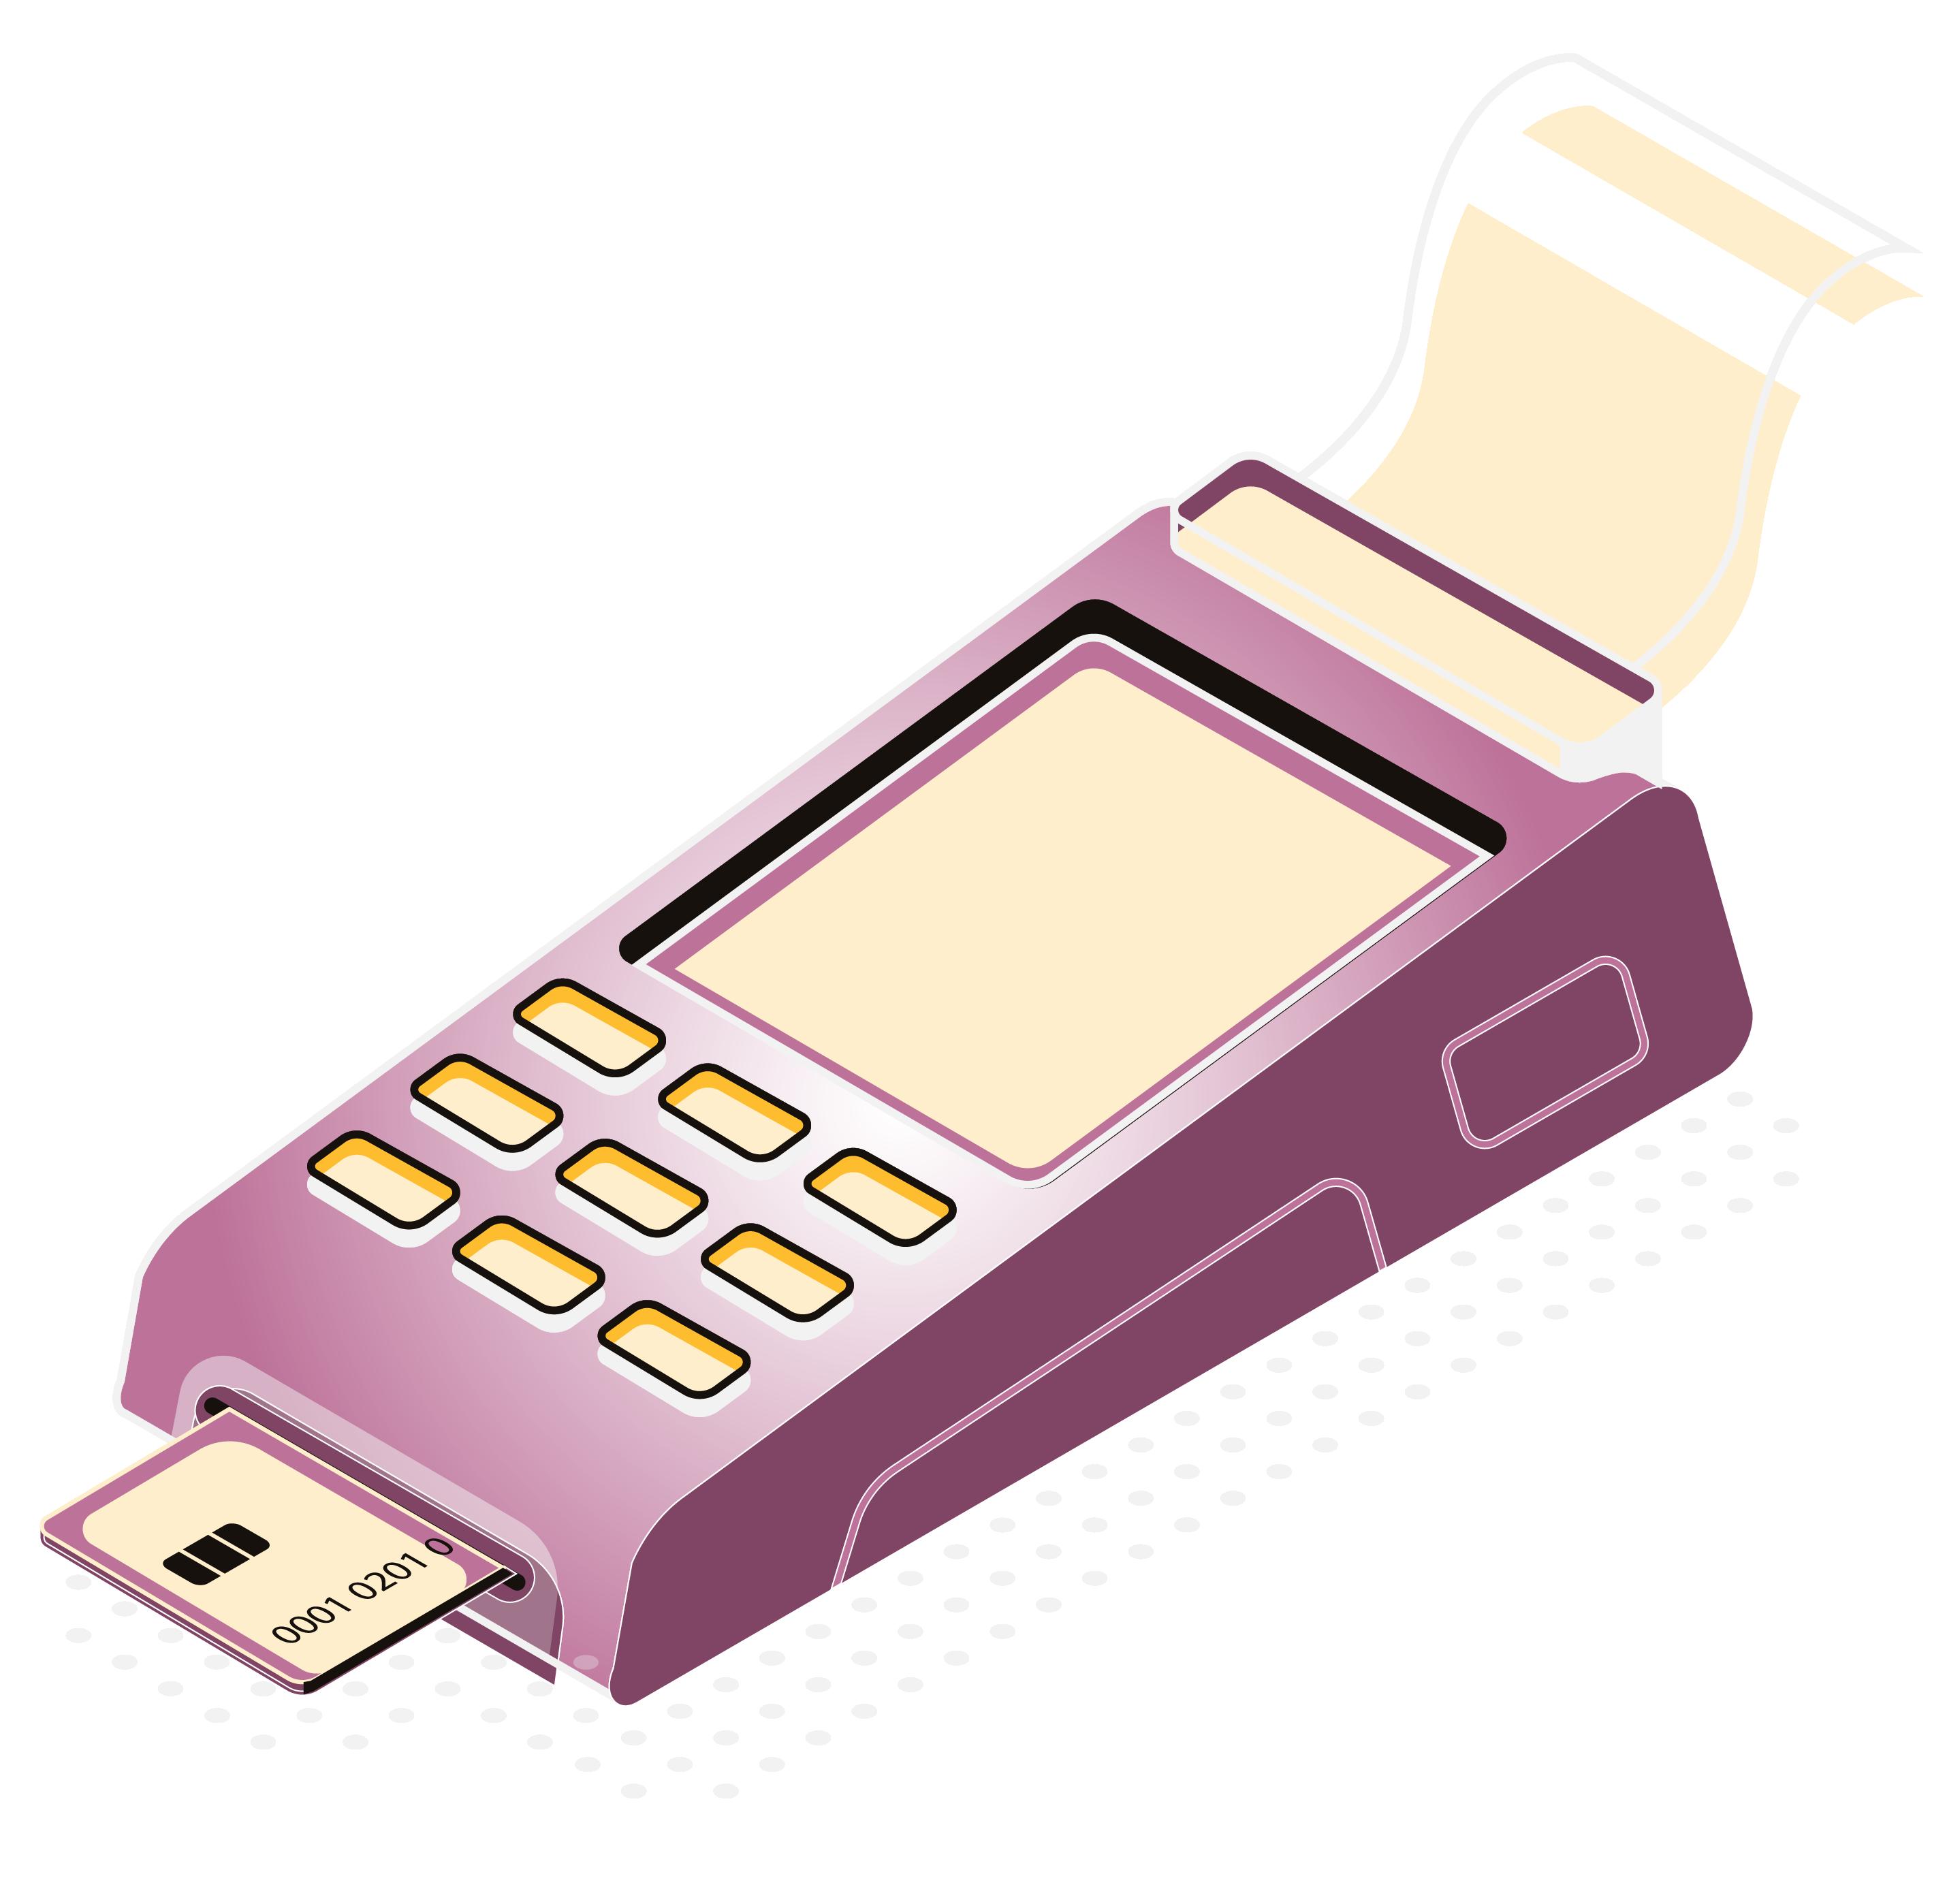 metodos de pago en ecommerce21-04.png